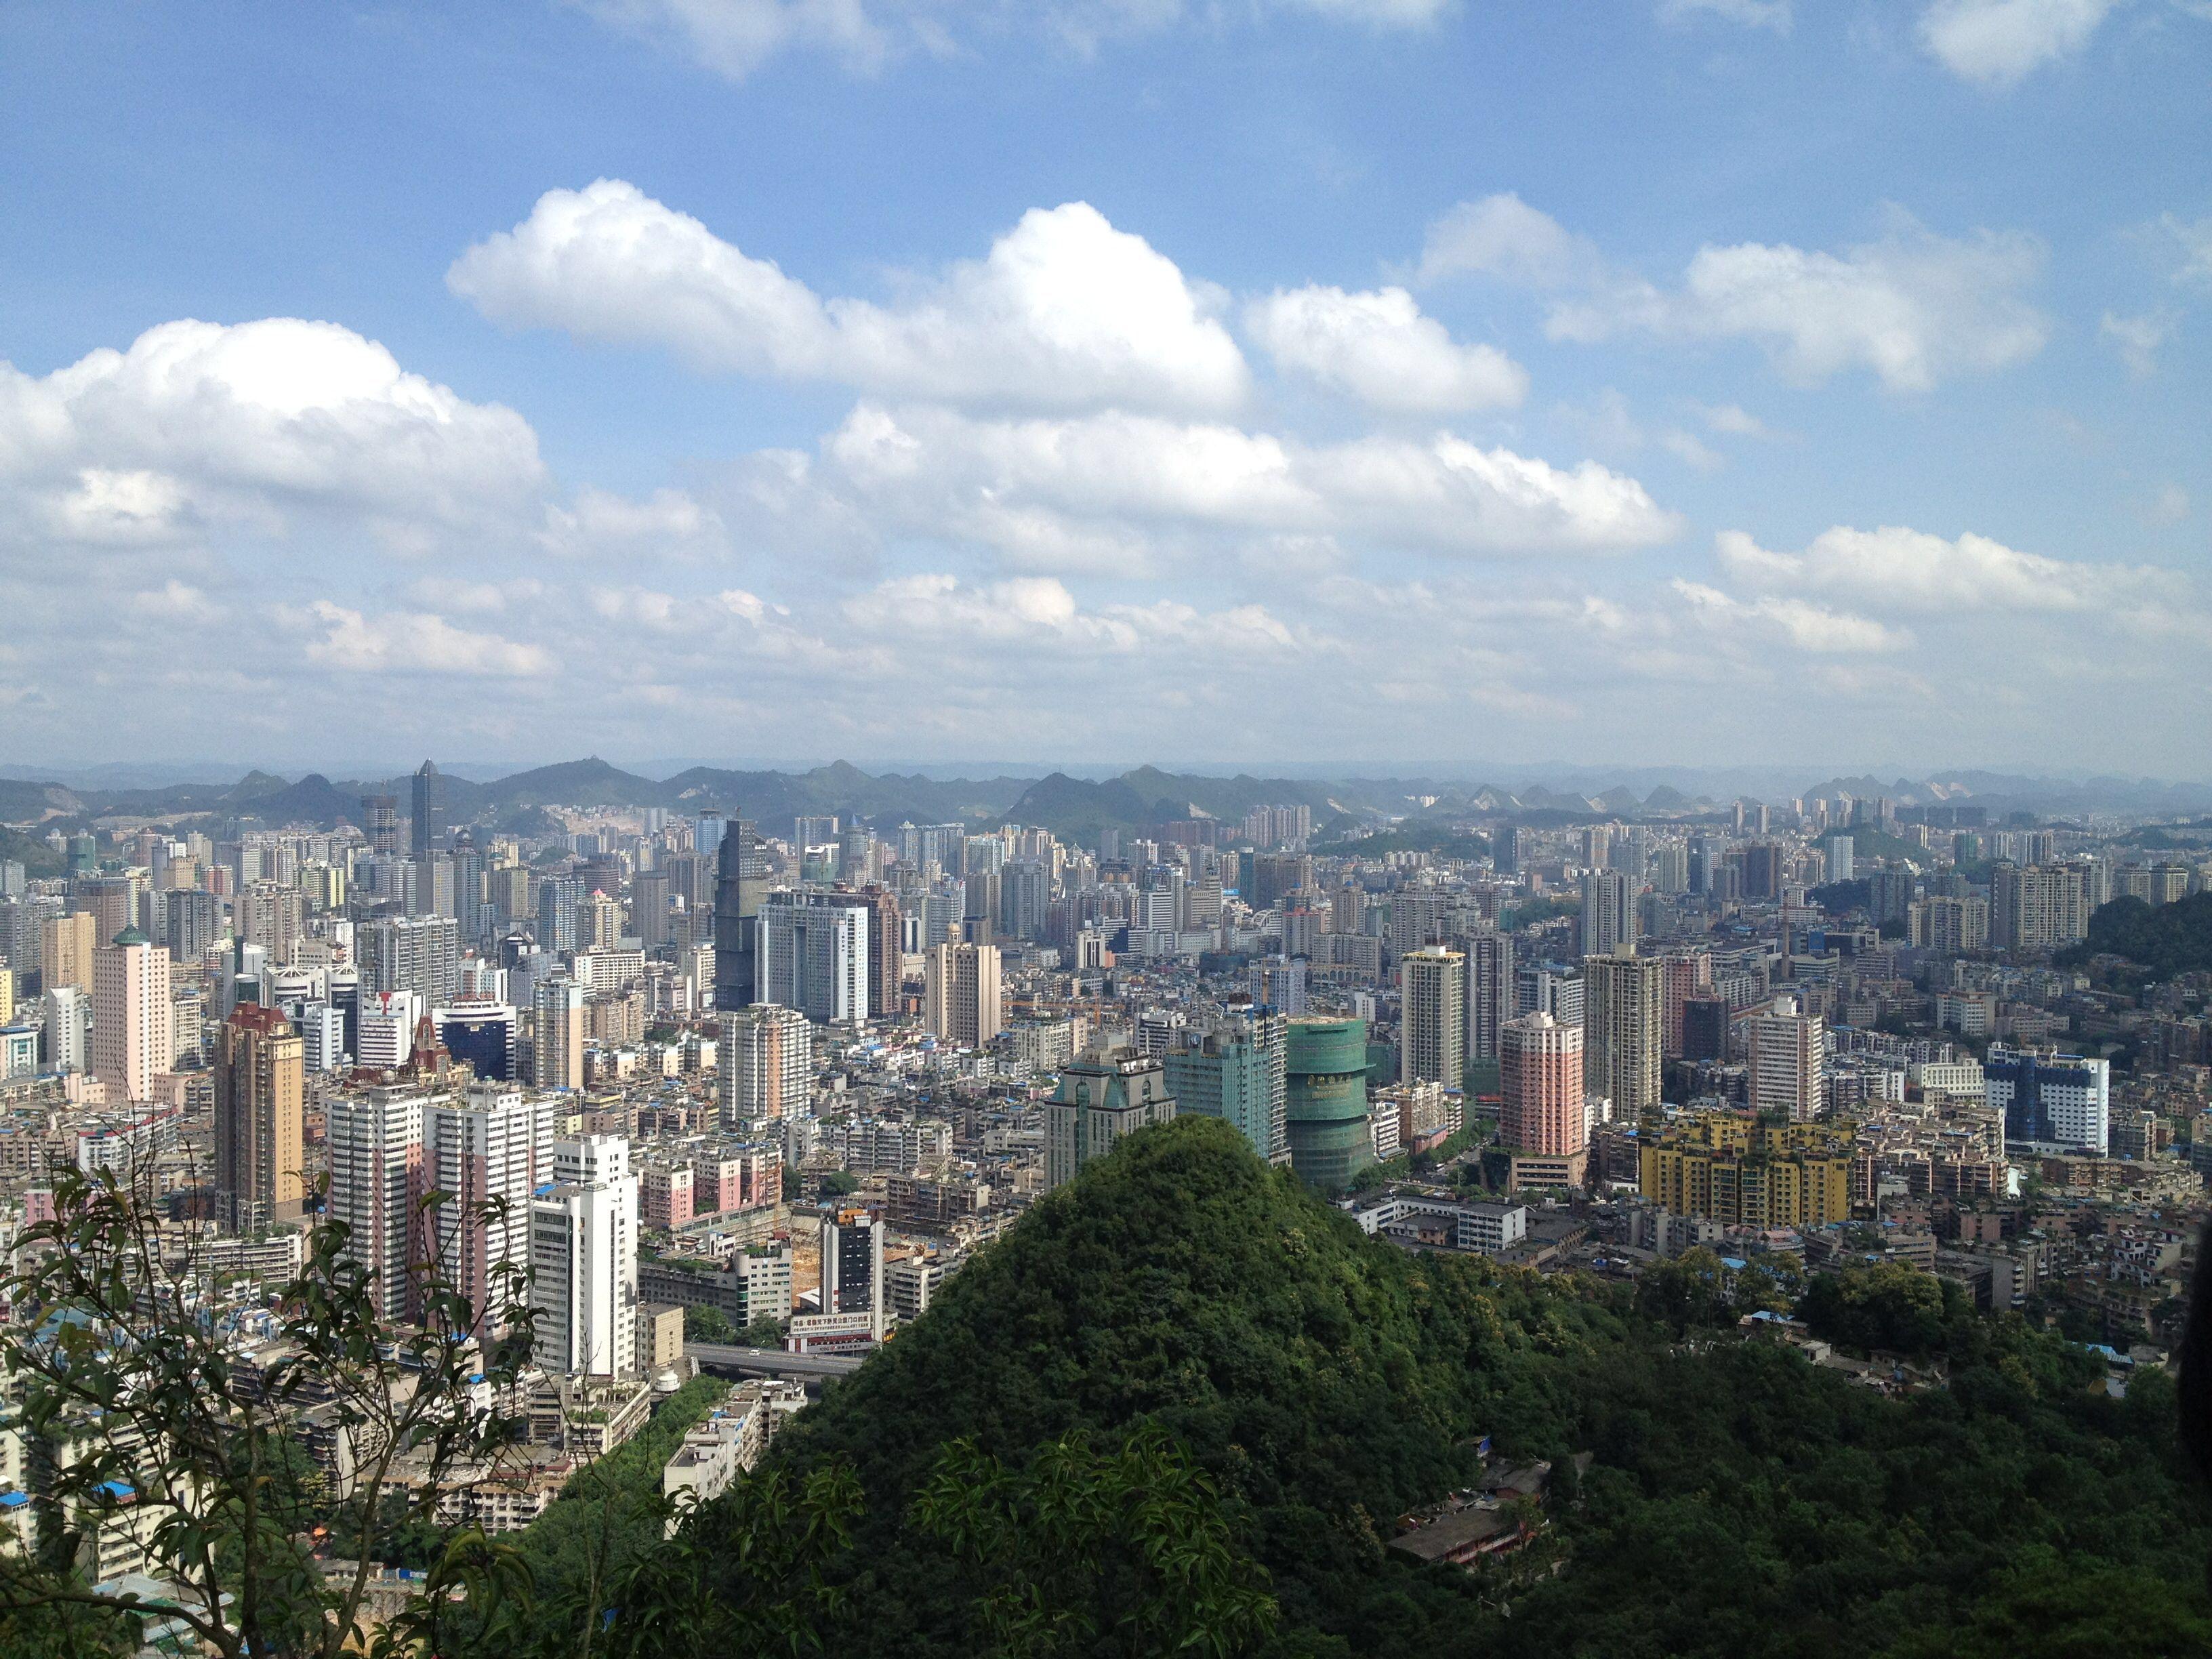 【携程攻略】贵州黔灵山公园适合朋友出游旅游吗